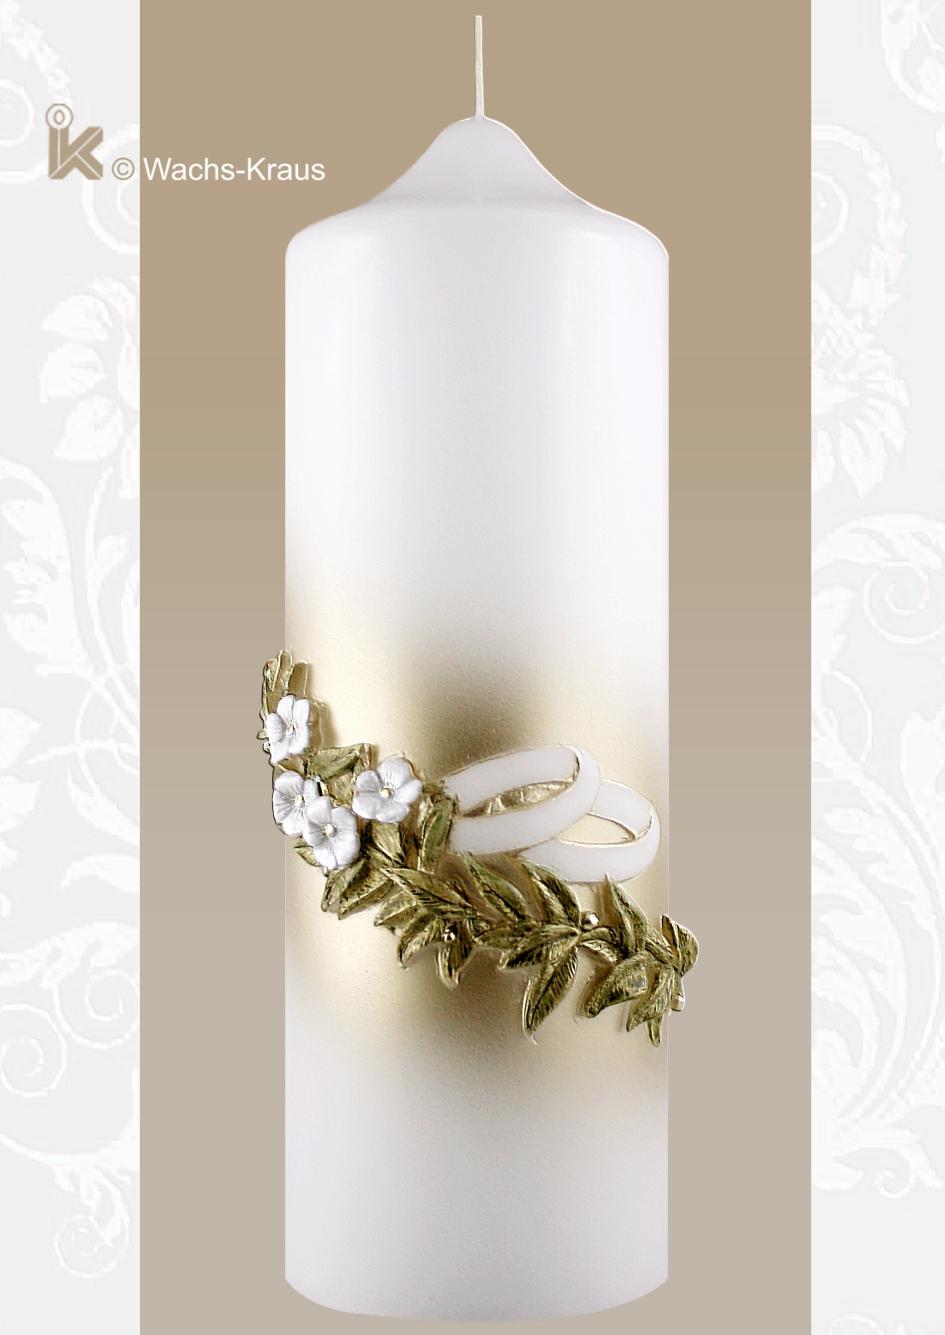 Gold-lackierte Brautkerze mit ihrer aus Wachs gegossenen Blumenranke mit weißen Blüten und den ebenfalls gegossenen Ringen.